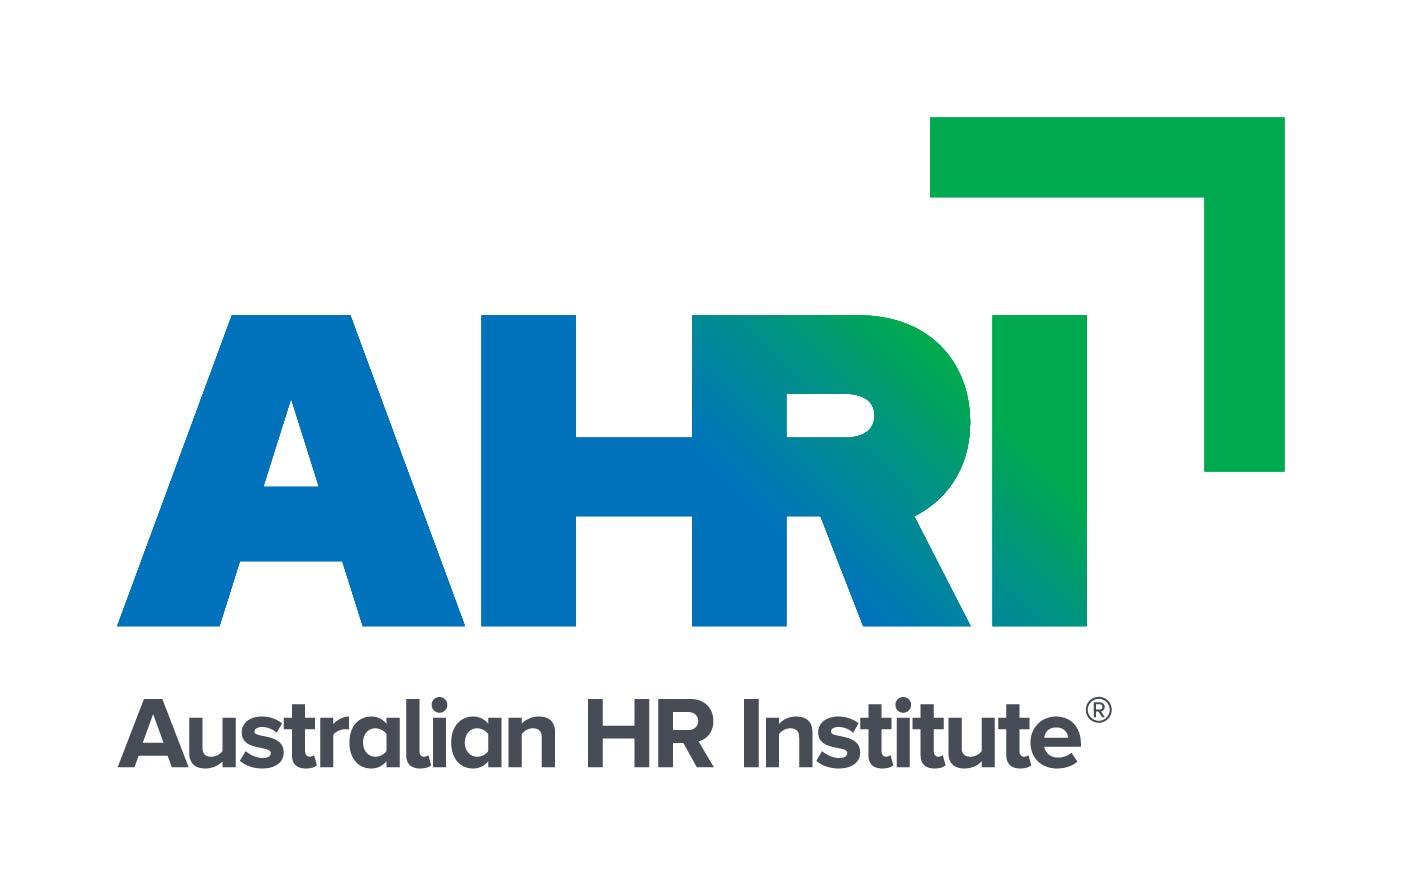 Australian HR Institute